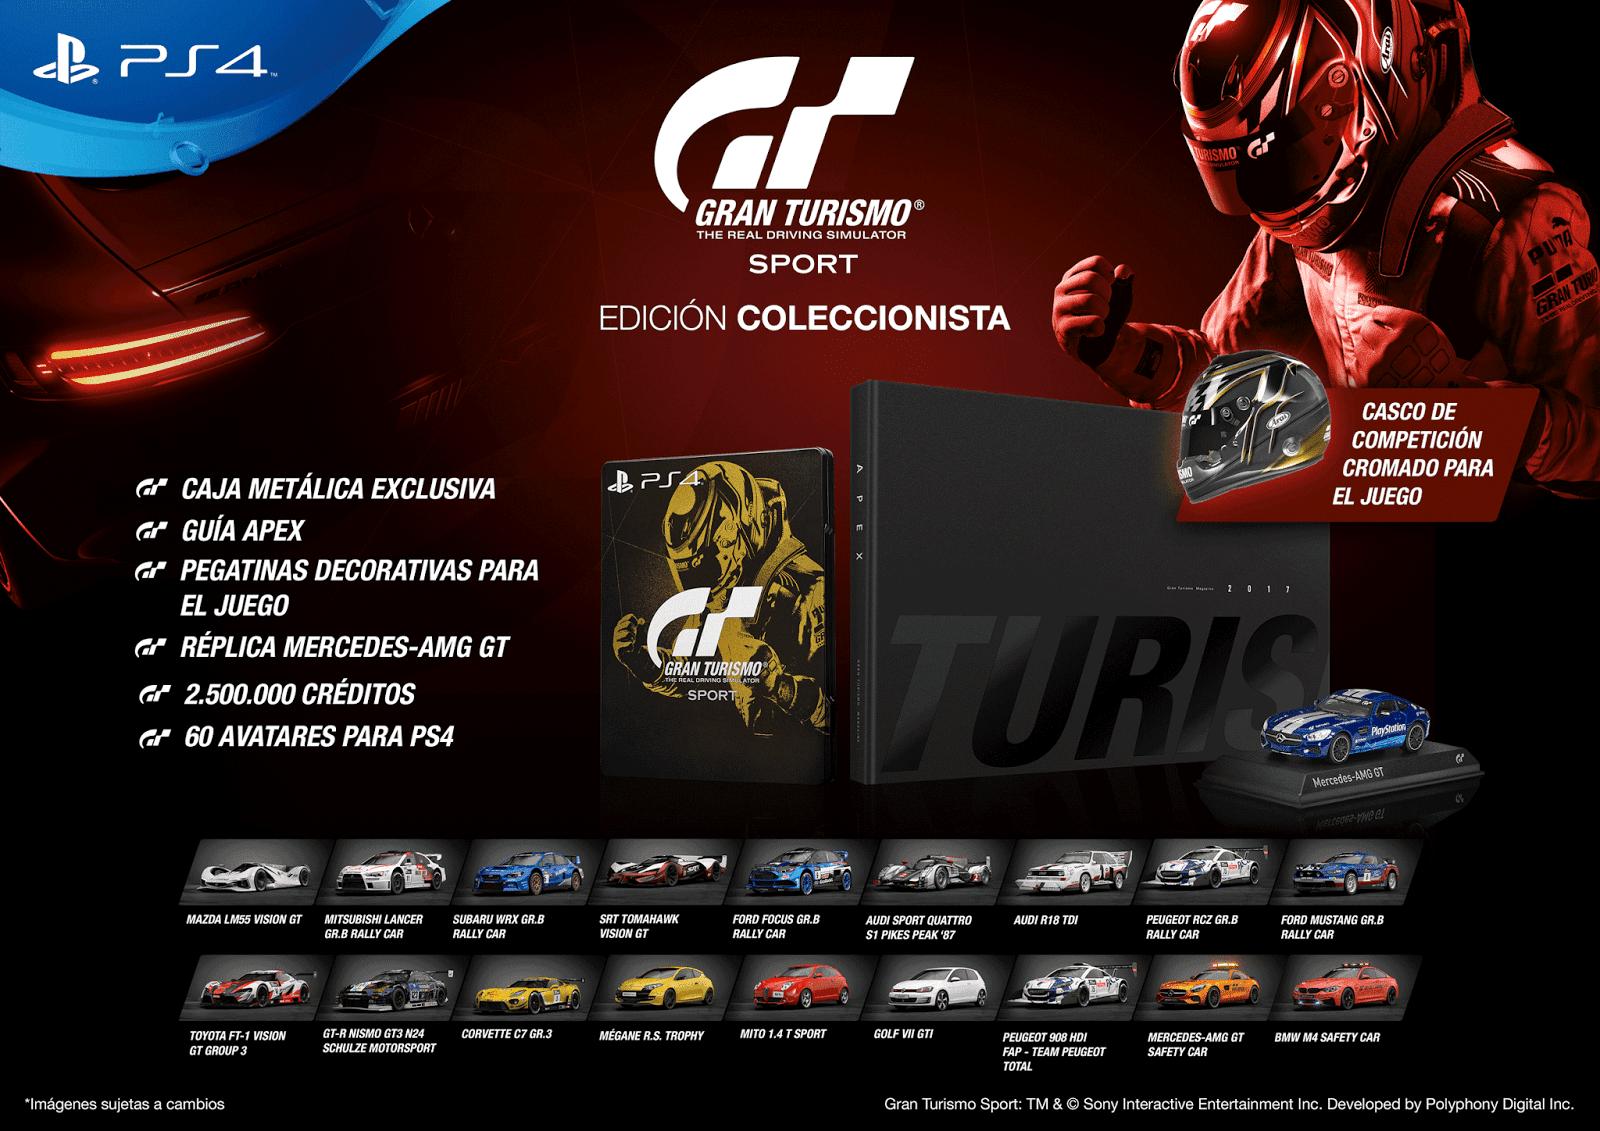 Gran Turismo Sport se lanzará el 18 de octubre en PS4